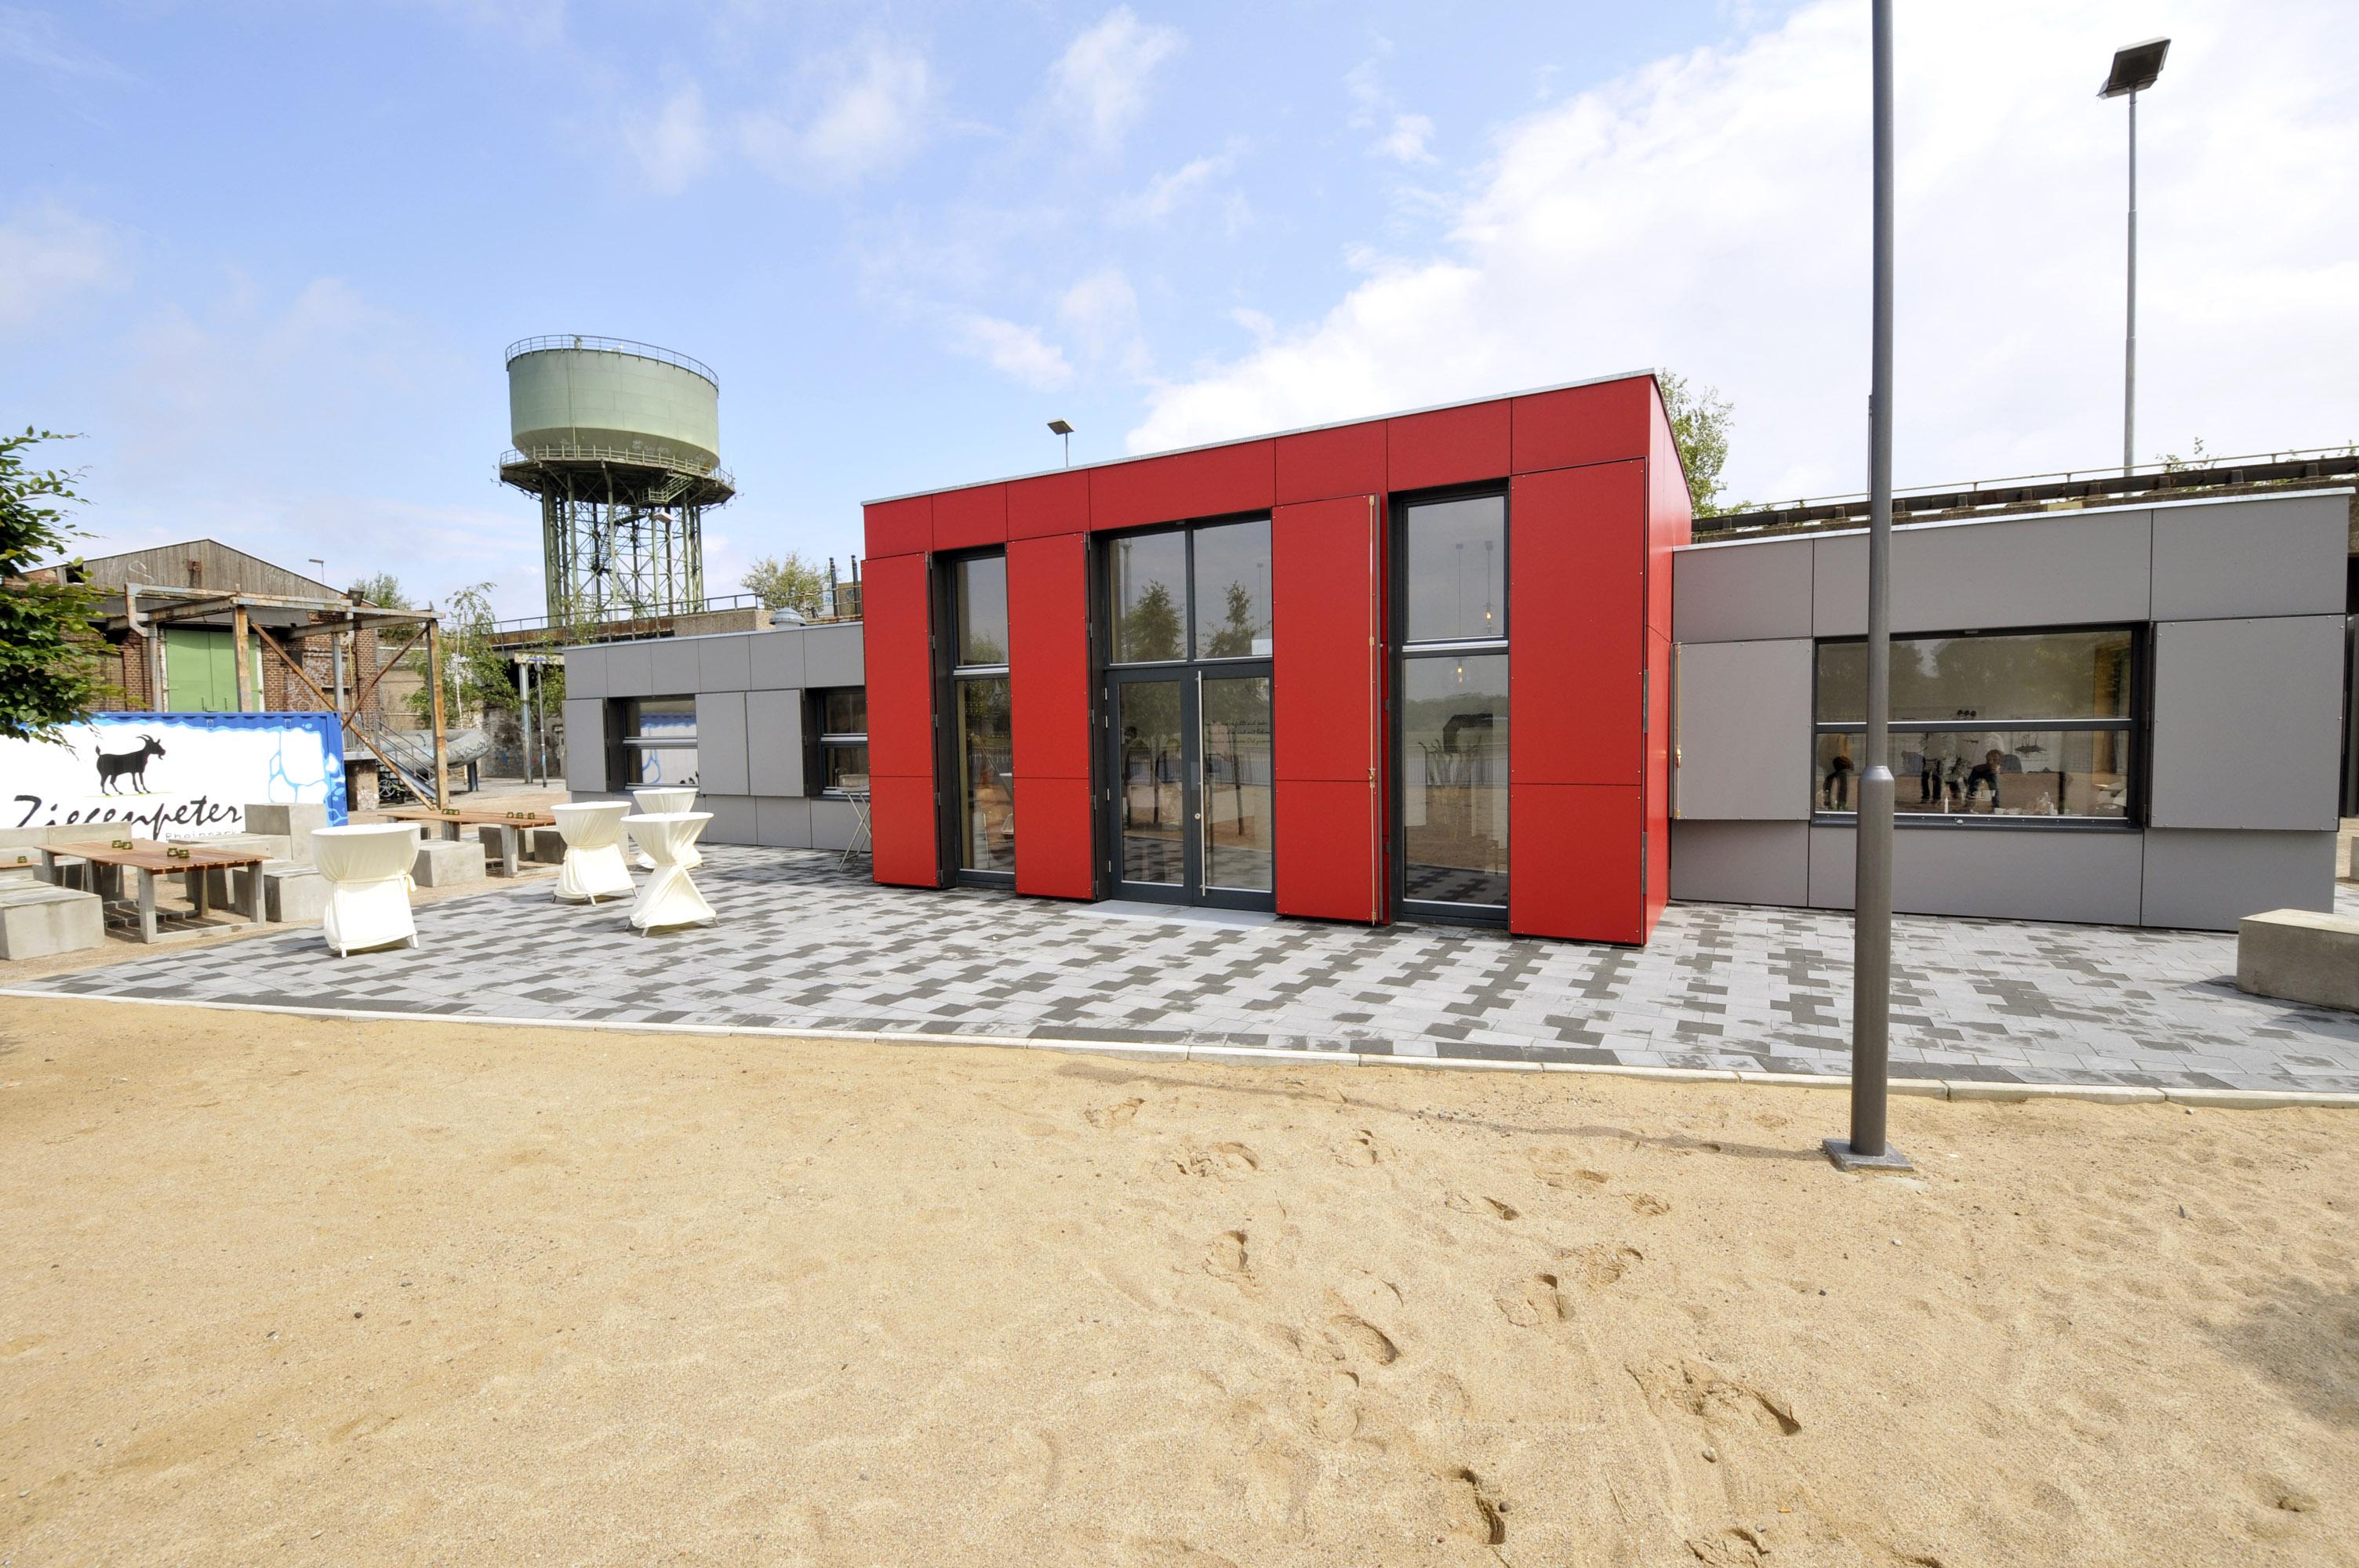 ziegenpeter die neue attraktion im rheinpark stadt duisburg. Black Bedroom Furniture Sets. Home Design Ideas